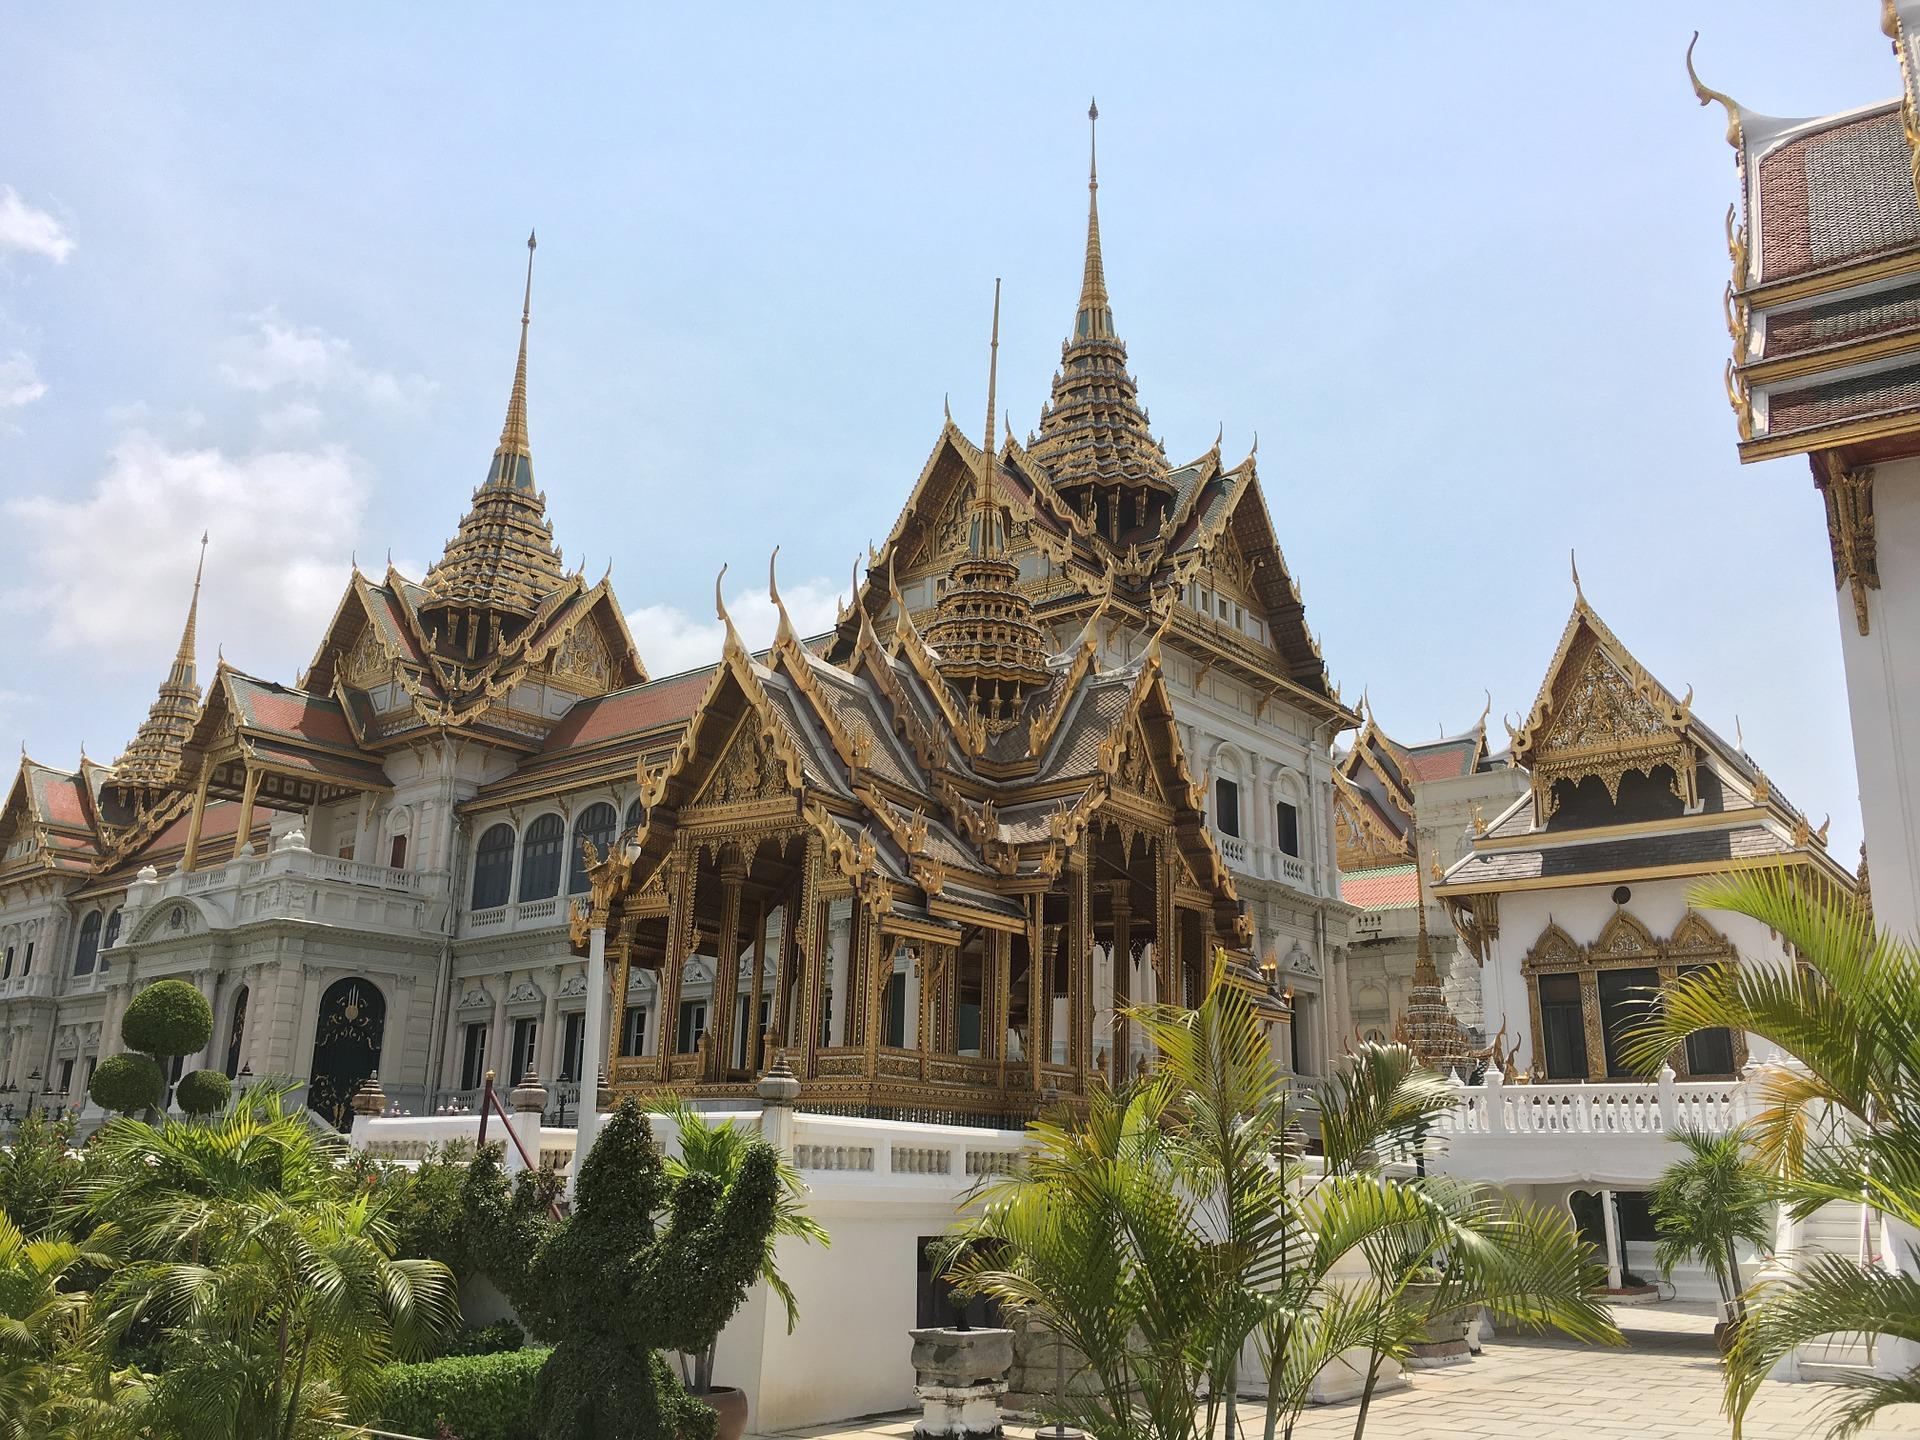 Von Berlin nach Bangkok Thailand Deals selber bei mir Suchen & Buchen